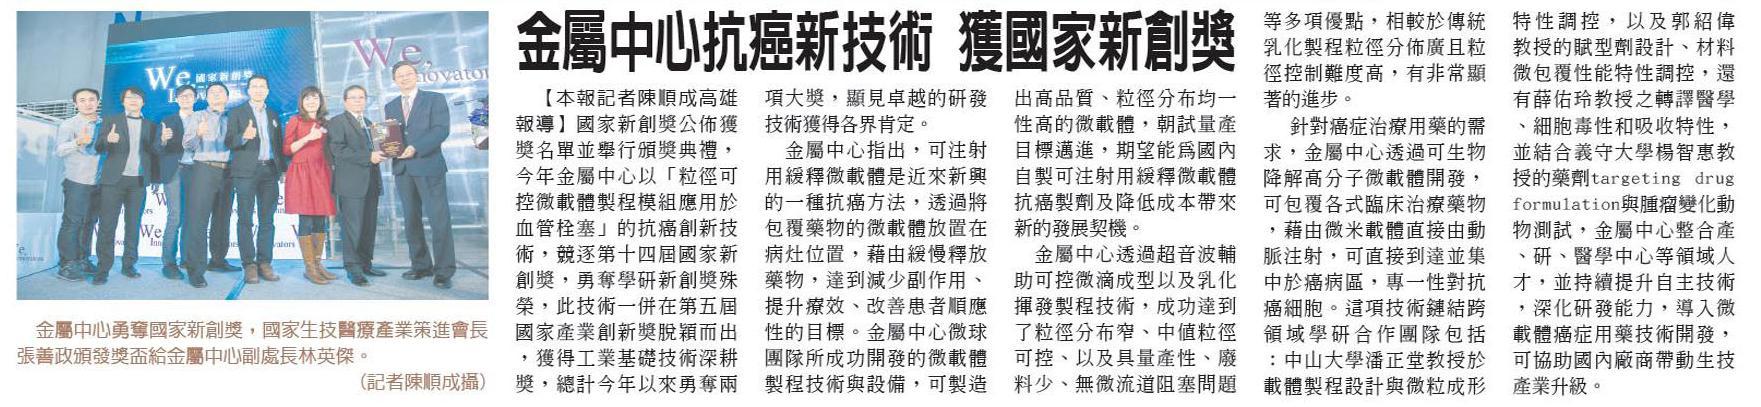 2017-12-27_民眾日報_金屬中心抗癌新技術 獲國家新創獎